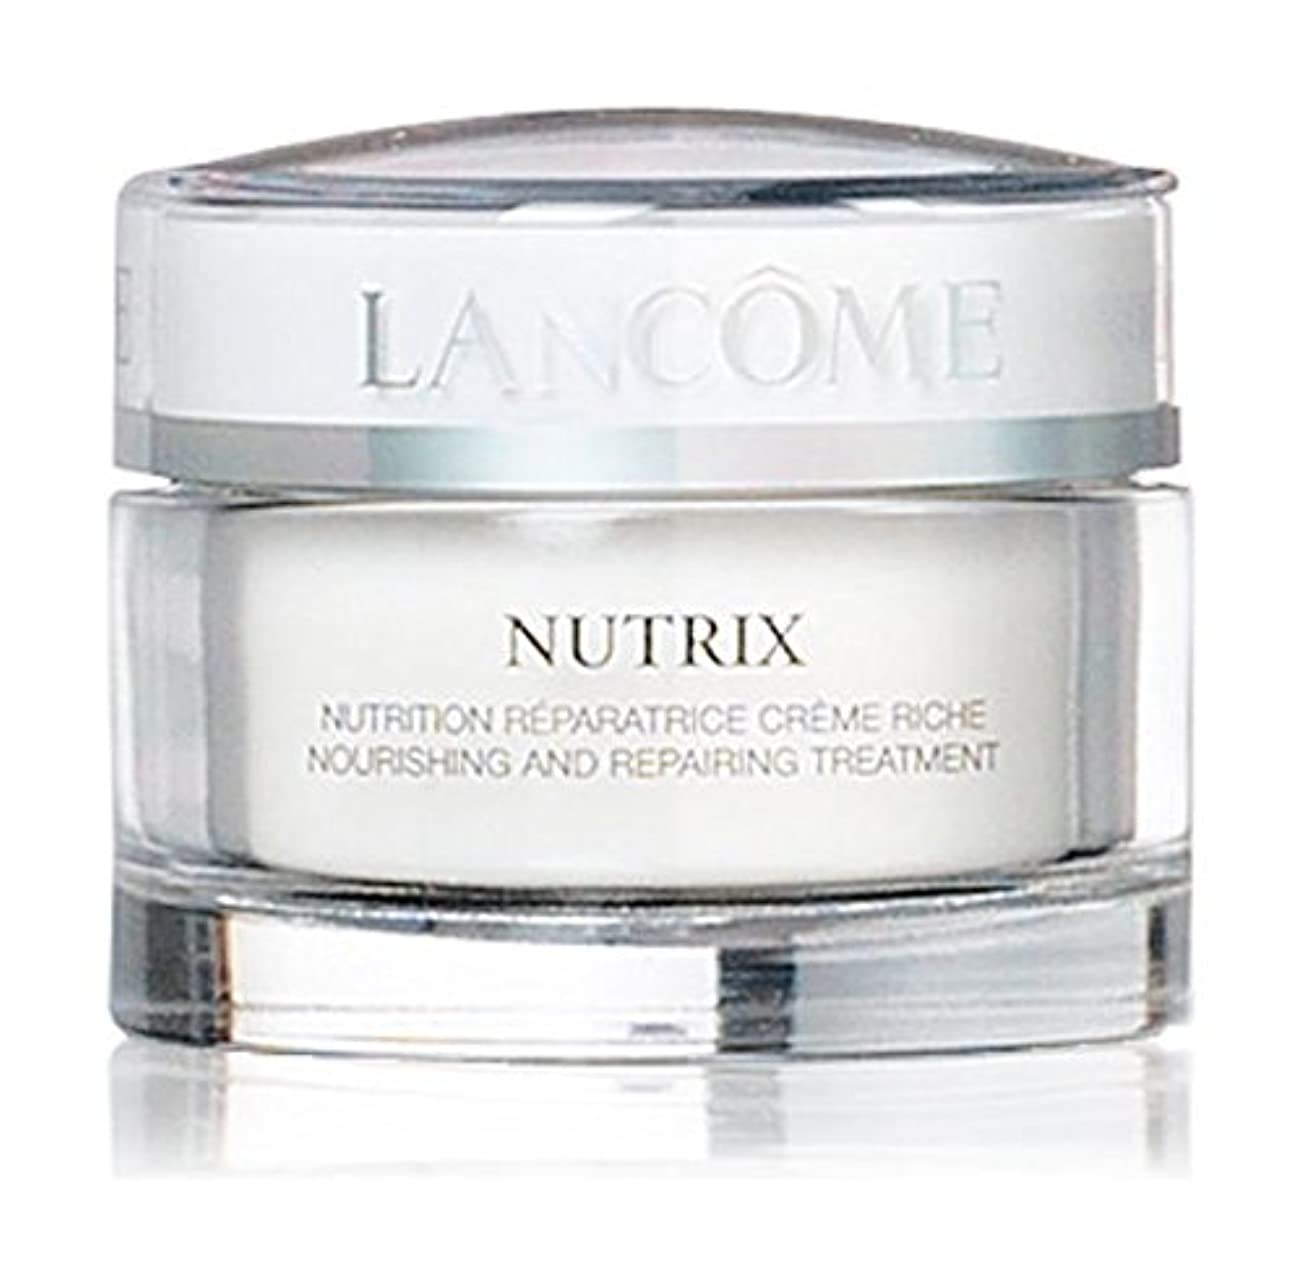 ランコム Nutrix Nourishing And Repairing Treatment Rich Cream - For Very Dry, Sensitive Or Irritated Skin 50ml/1.7oz...